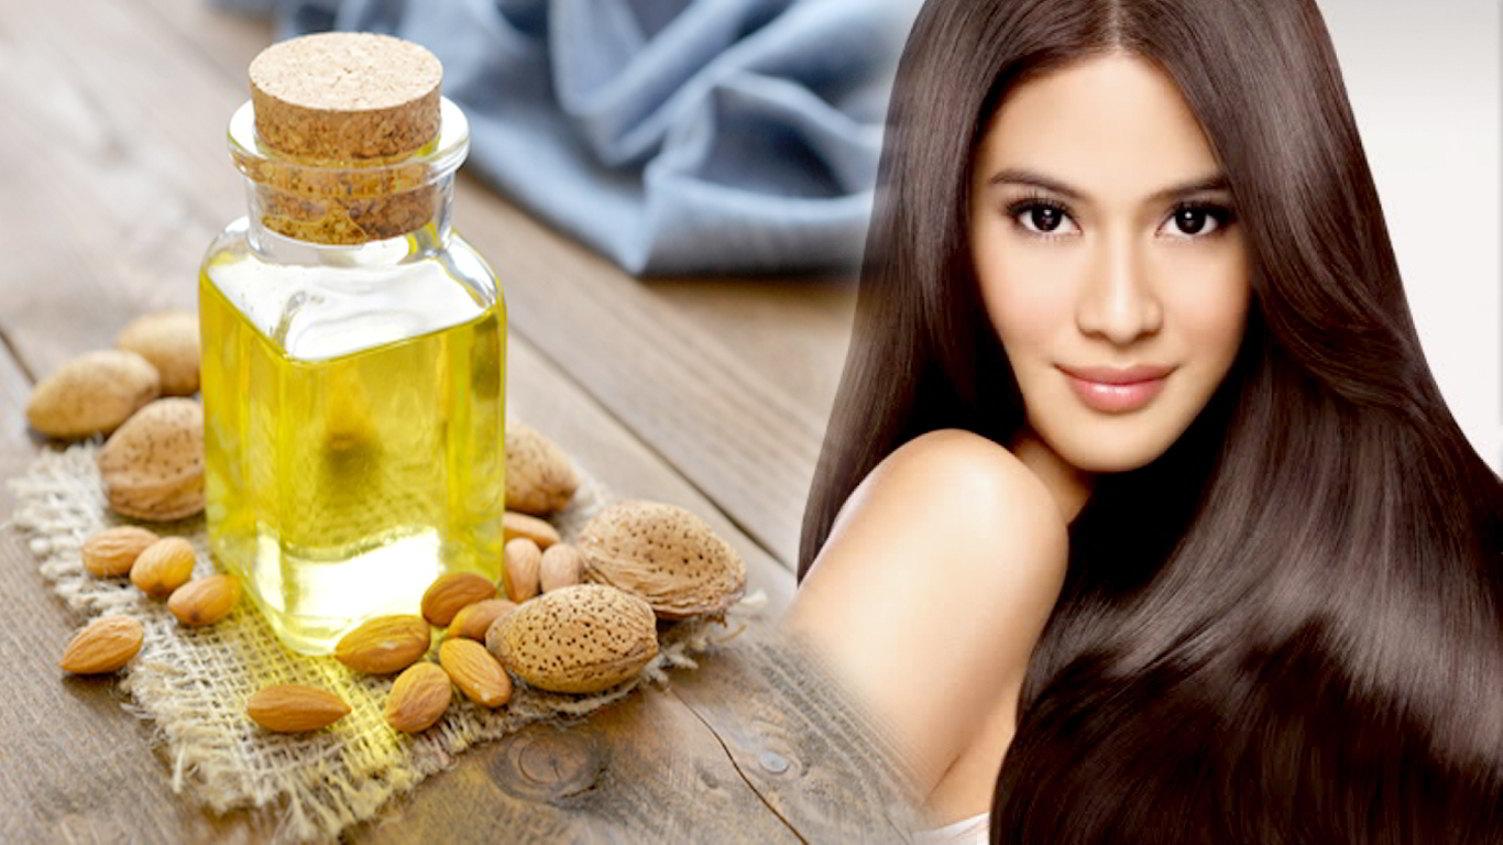 Manfaat Minyak Murni dari Almond Manis Untuk Rambut